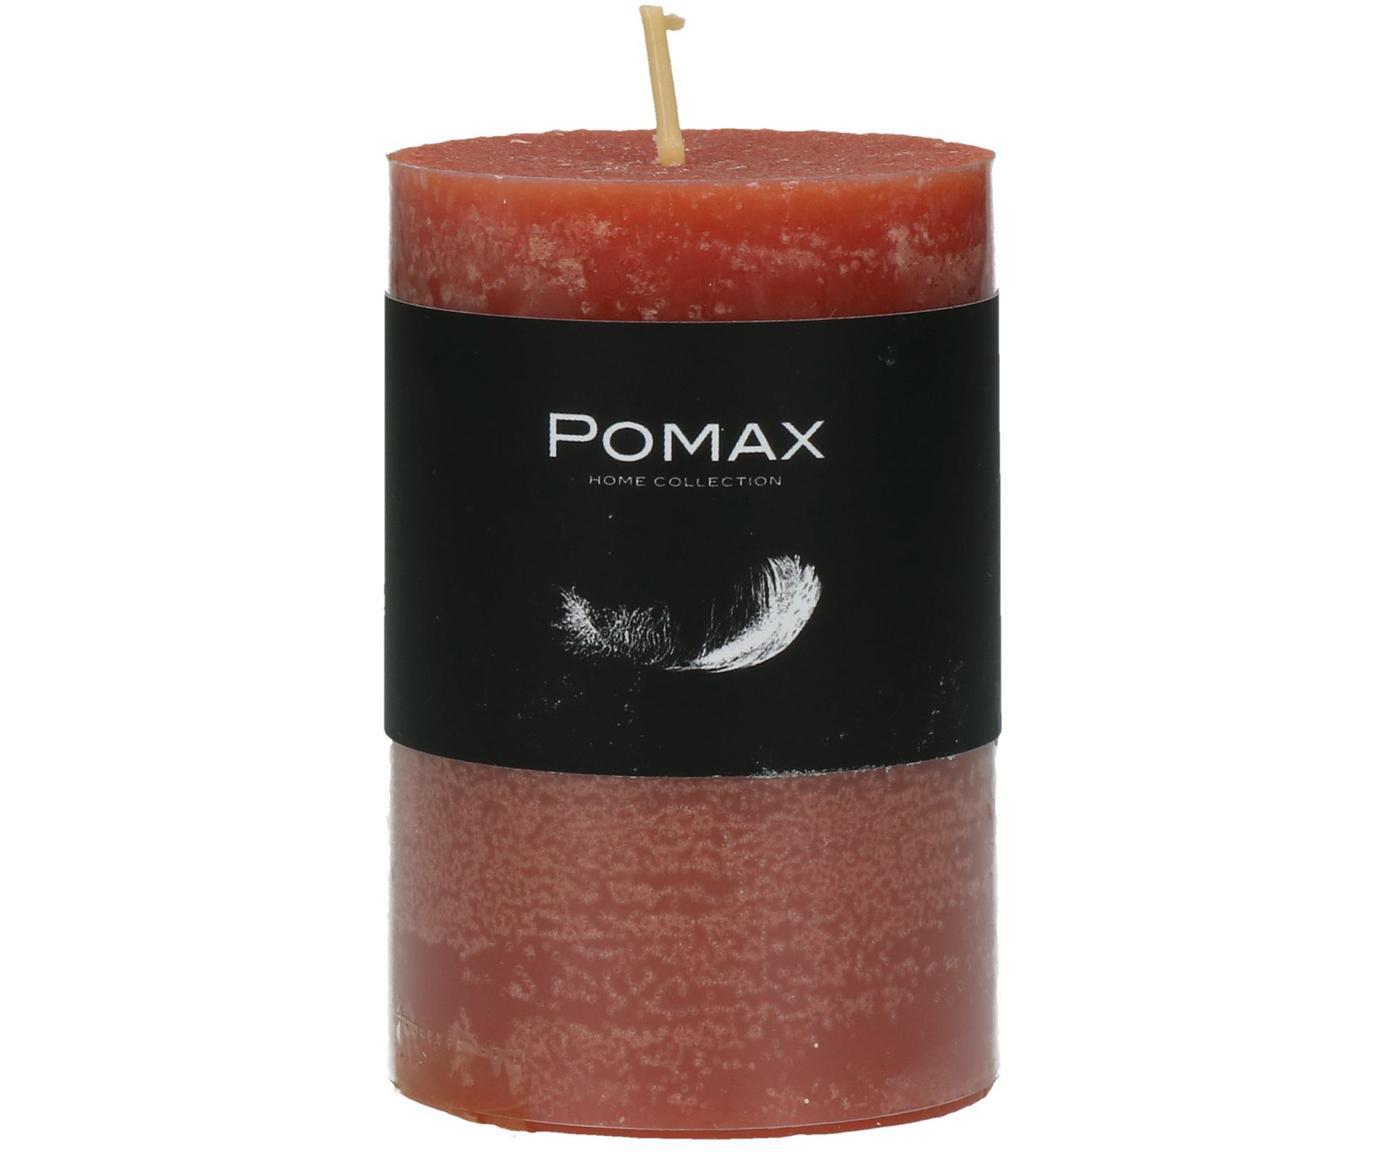 Stompkaars Arda, 80% paraffinewas, 20% palmwas, Terracottakleurig, Ø 10 x H 20 cm